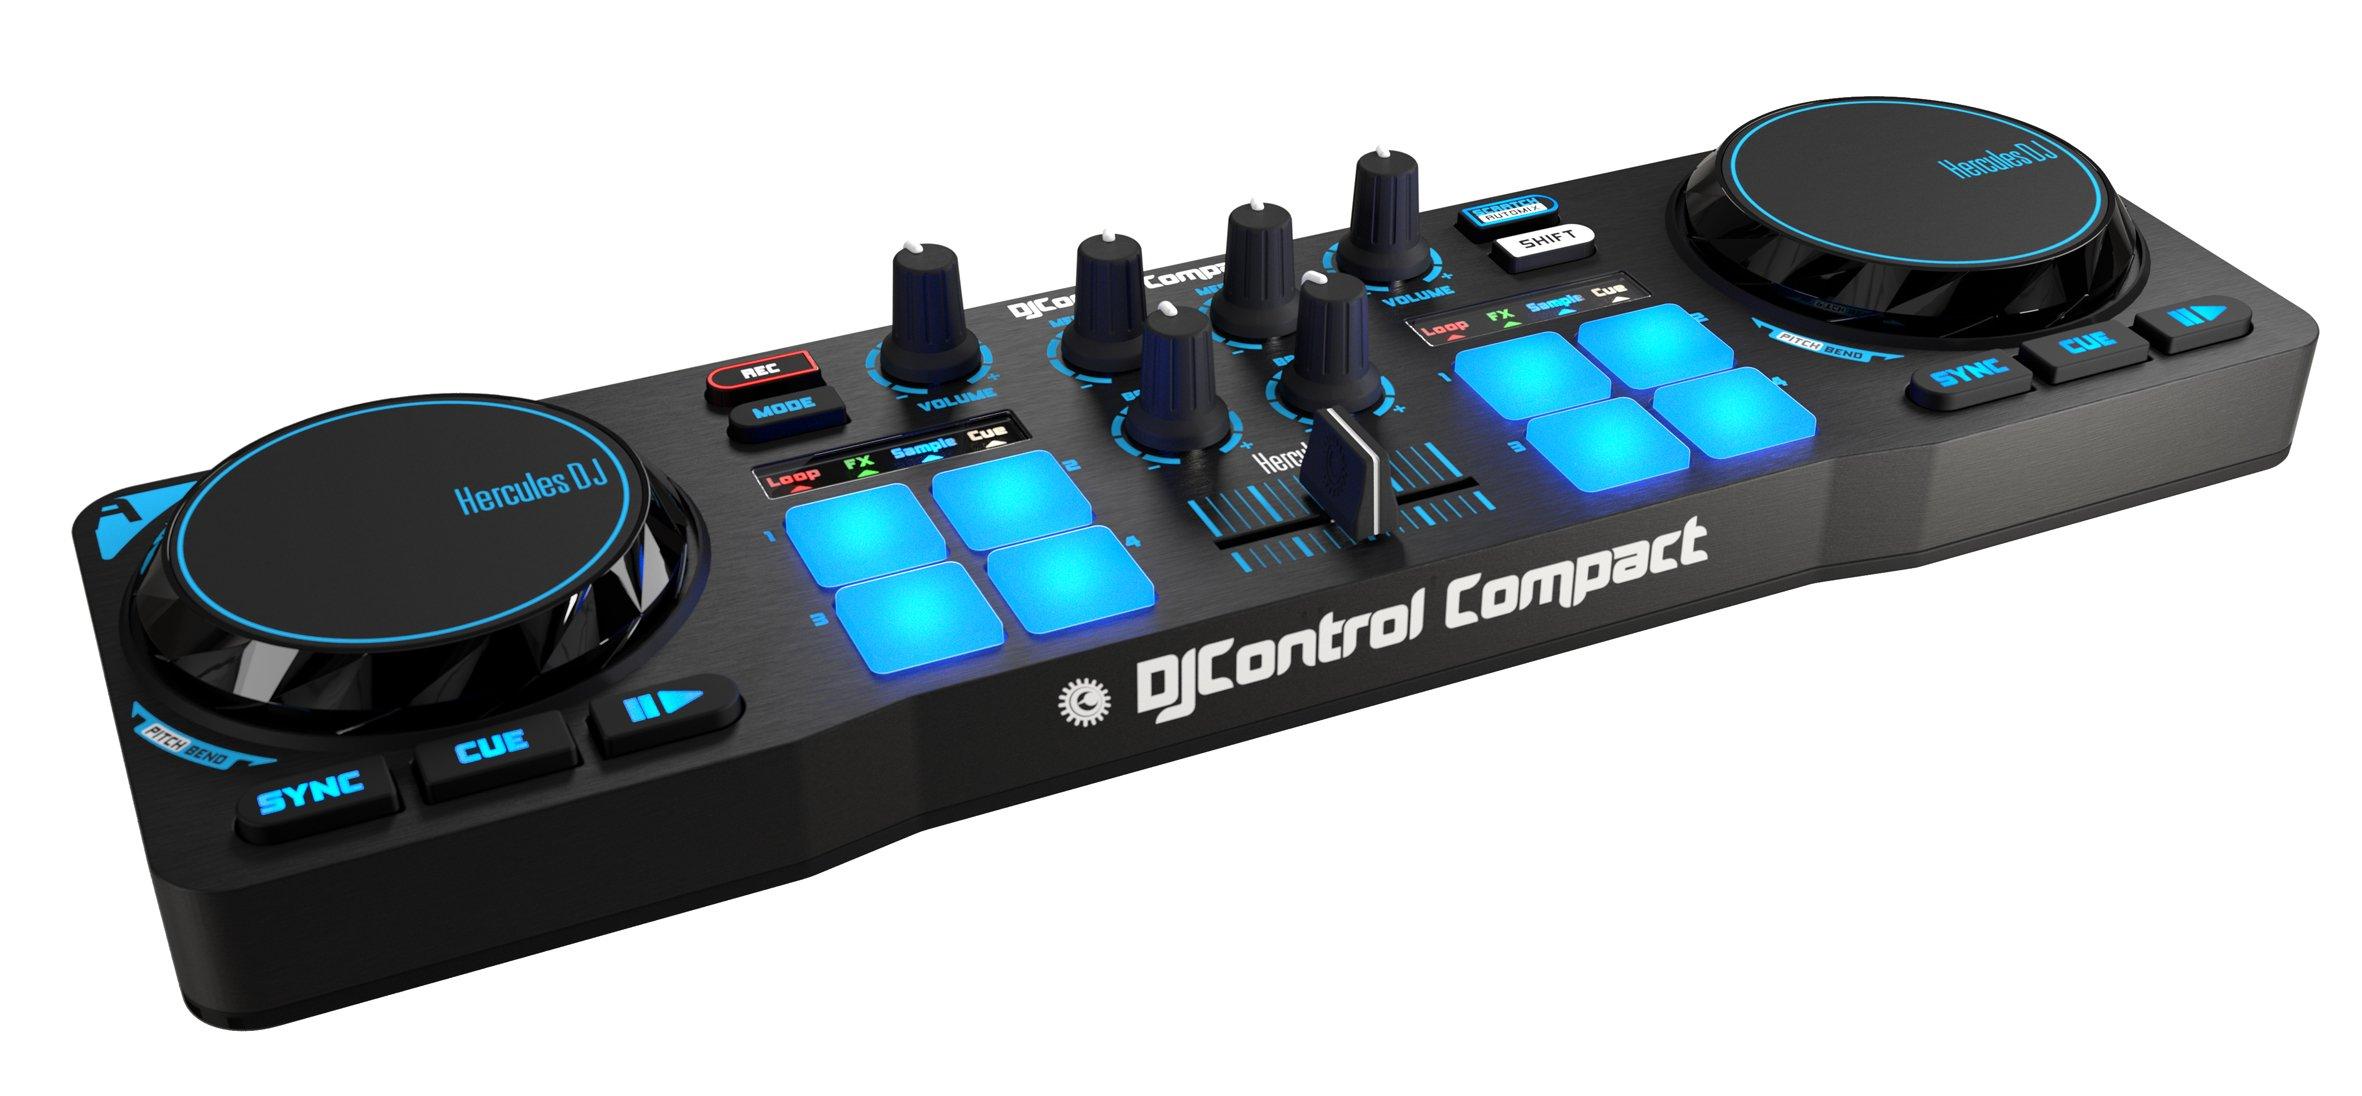 Hercules DJCONTROL COMPACT DJControl Compact